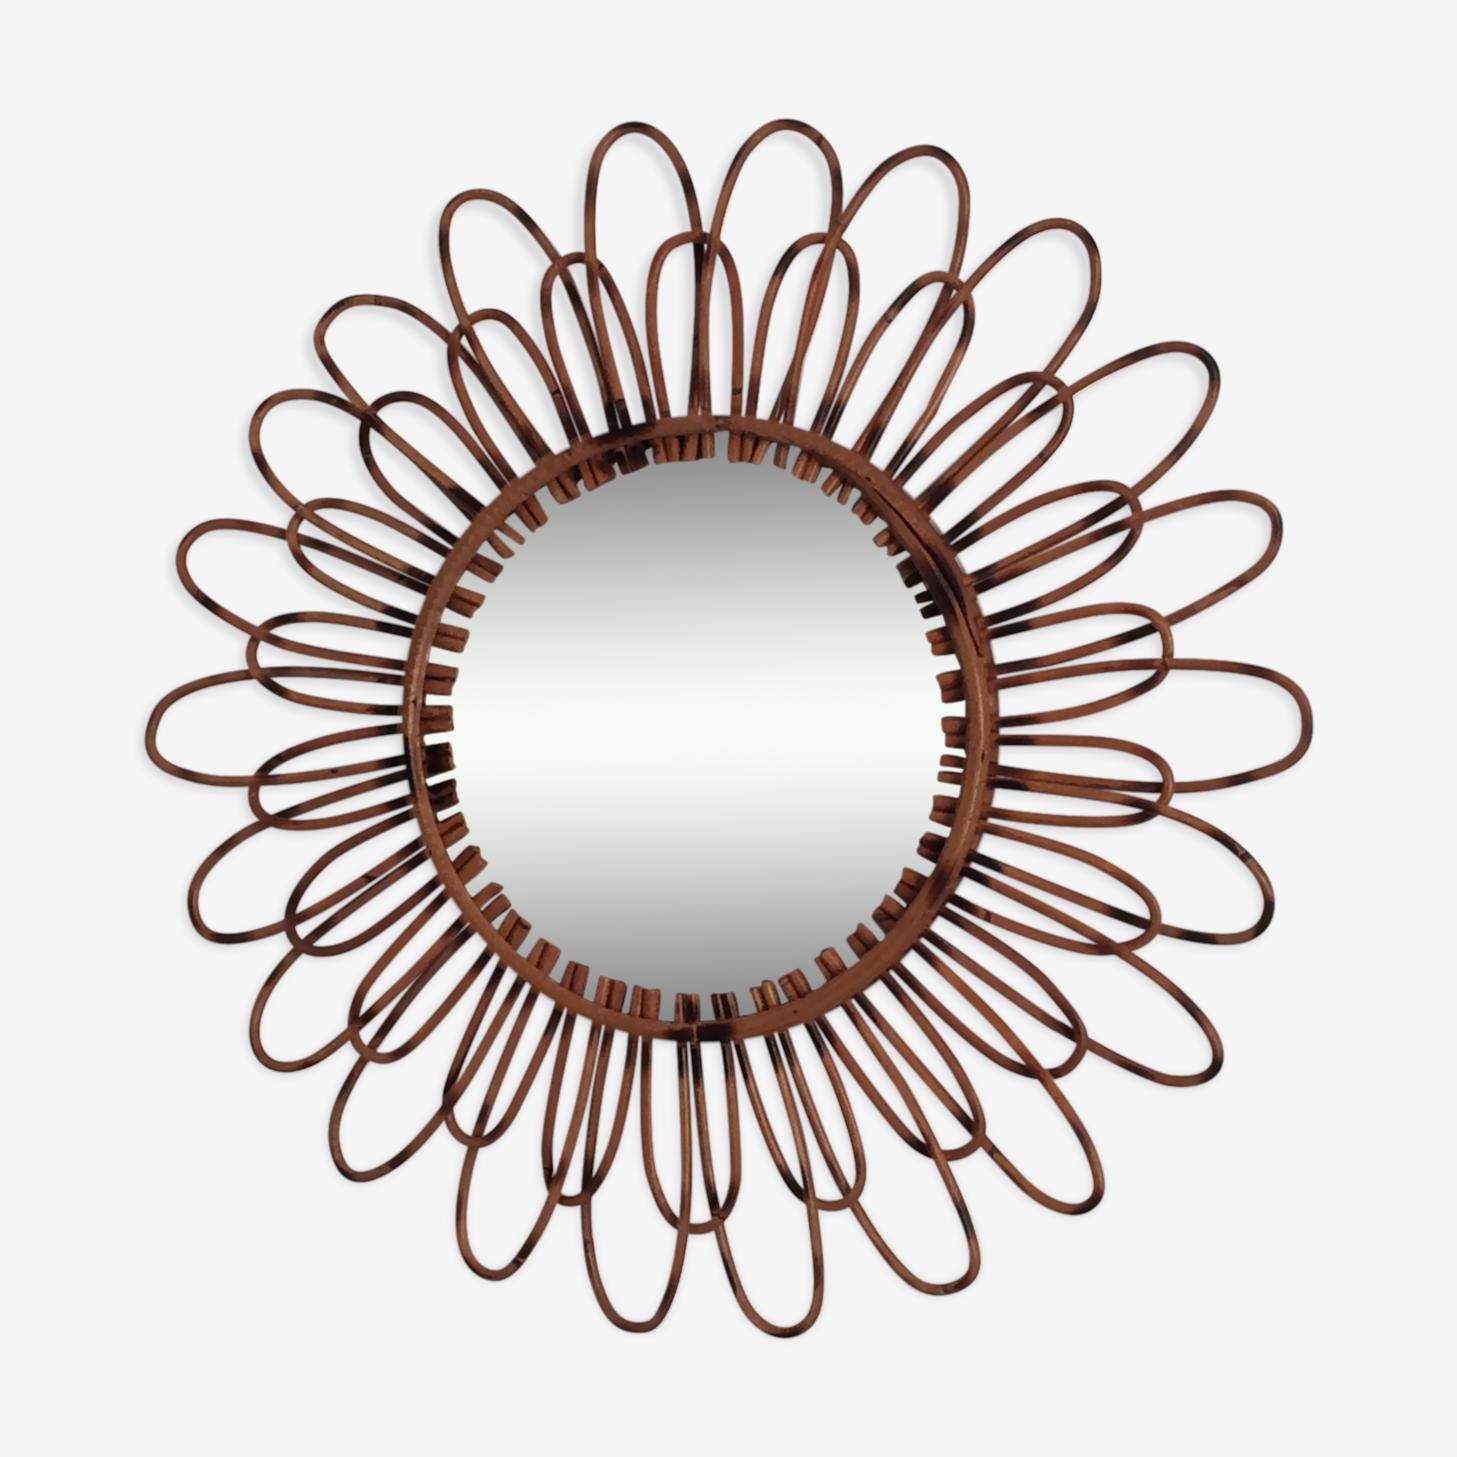 Miroir soleil vintage en rotin des années 60 - 56x56cm